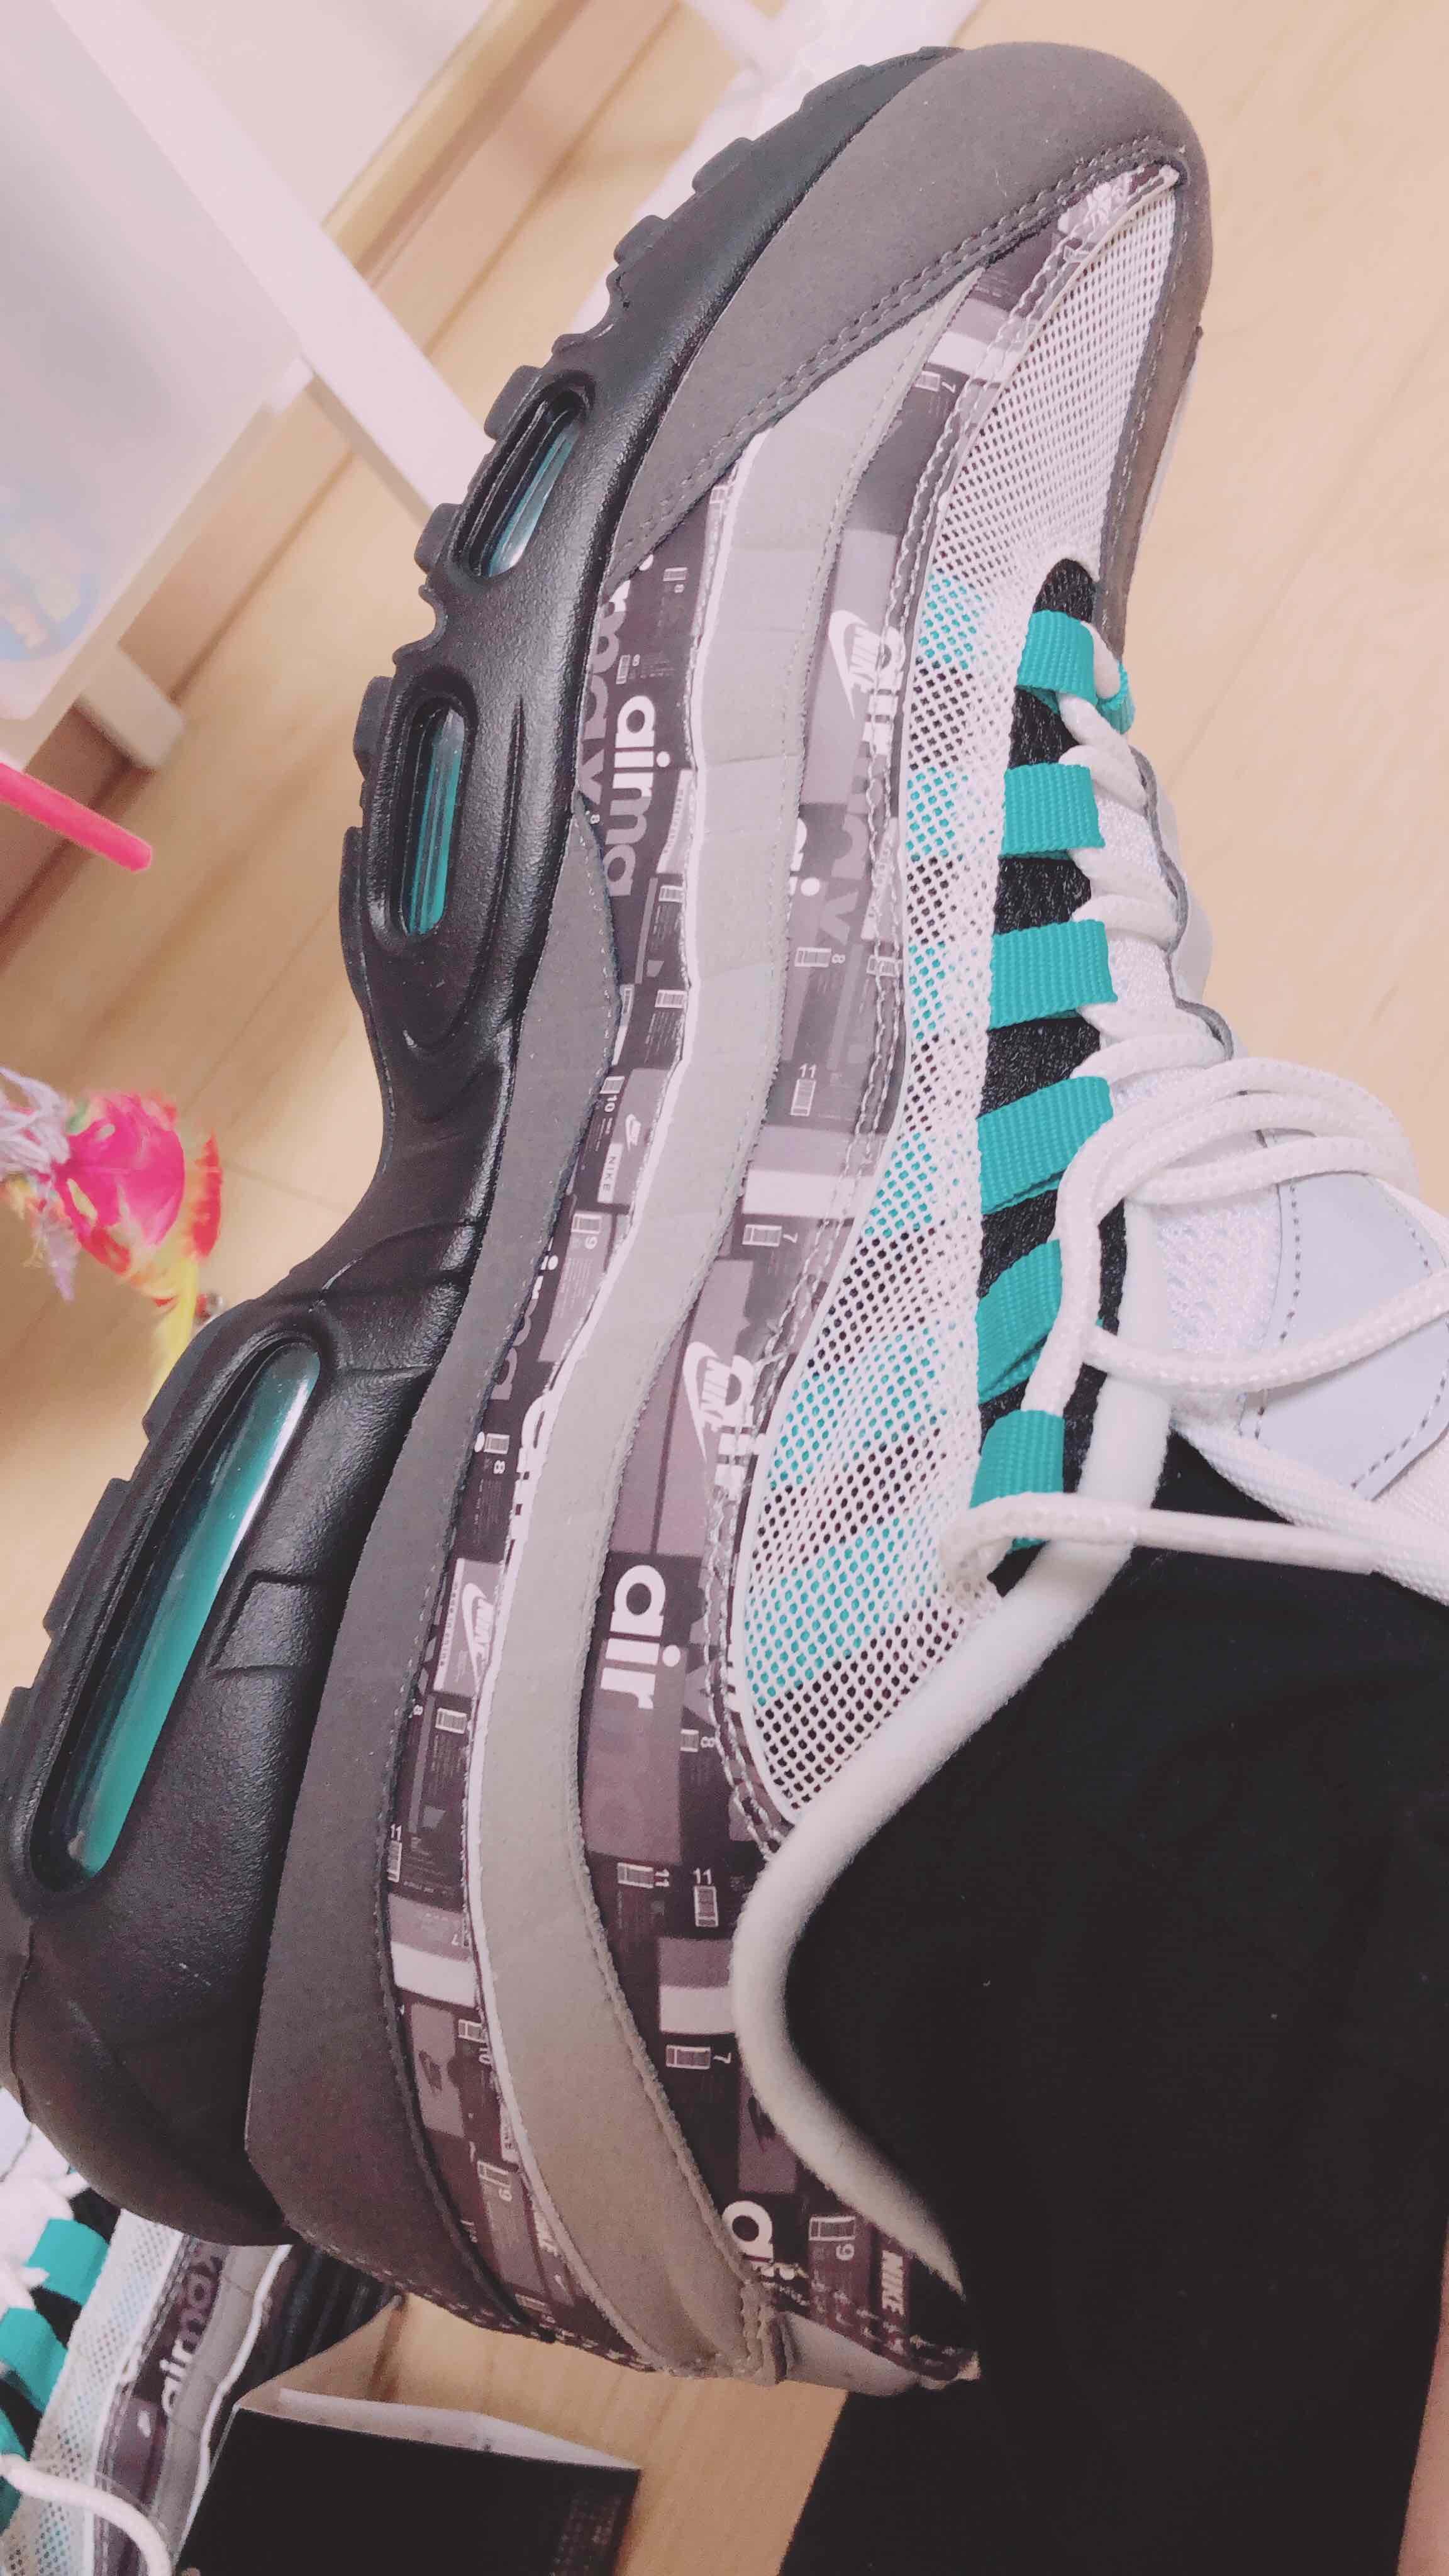 流行、希少性だけでスニーカーを買わずに 自分が惚れた靴は絶対に手に入れる🤤